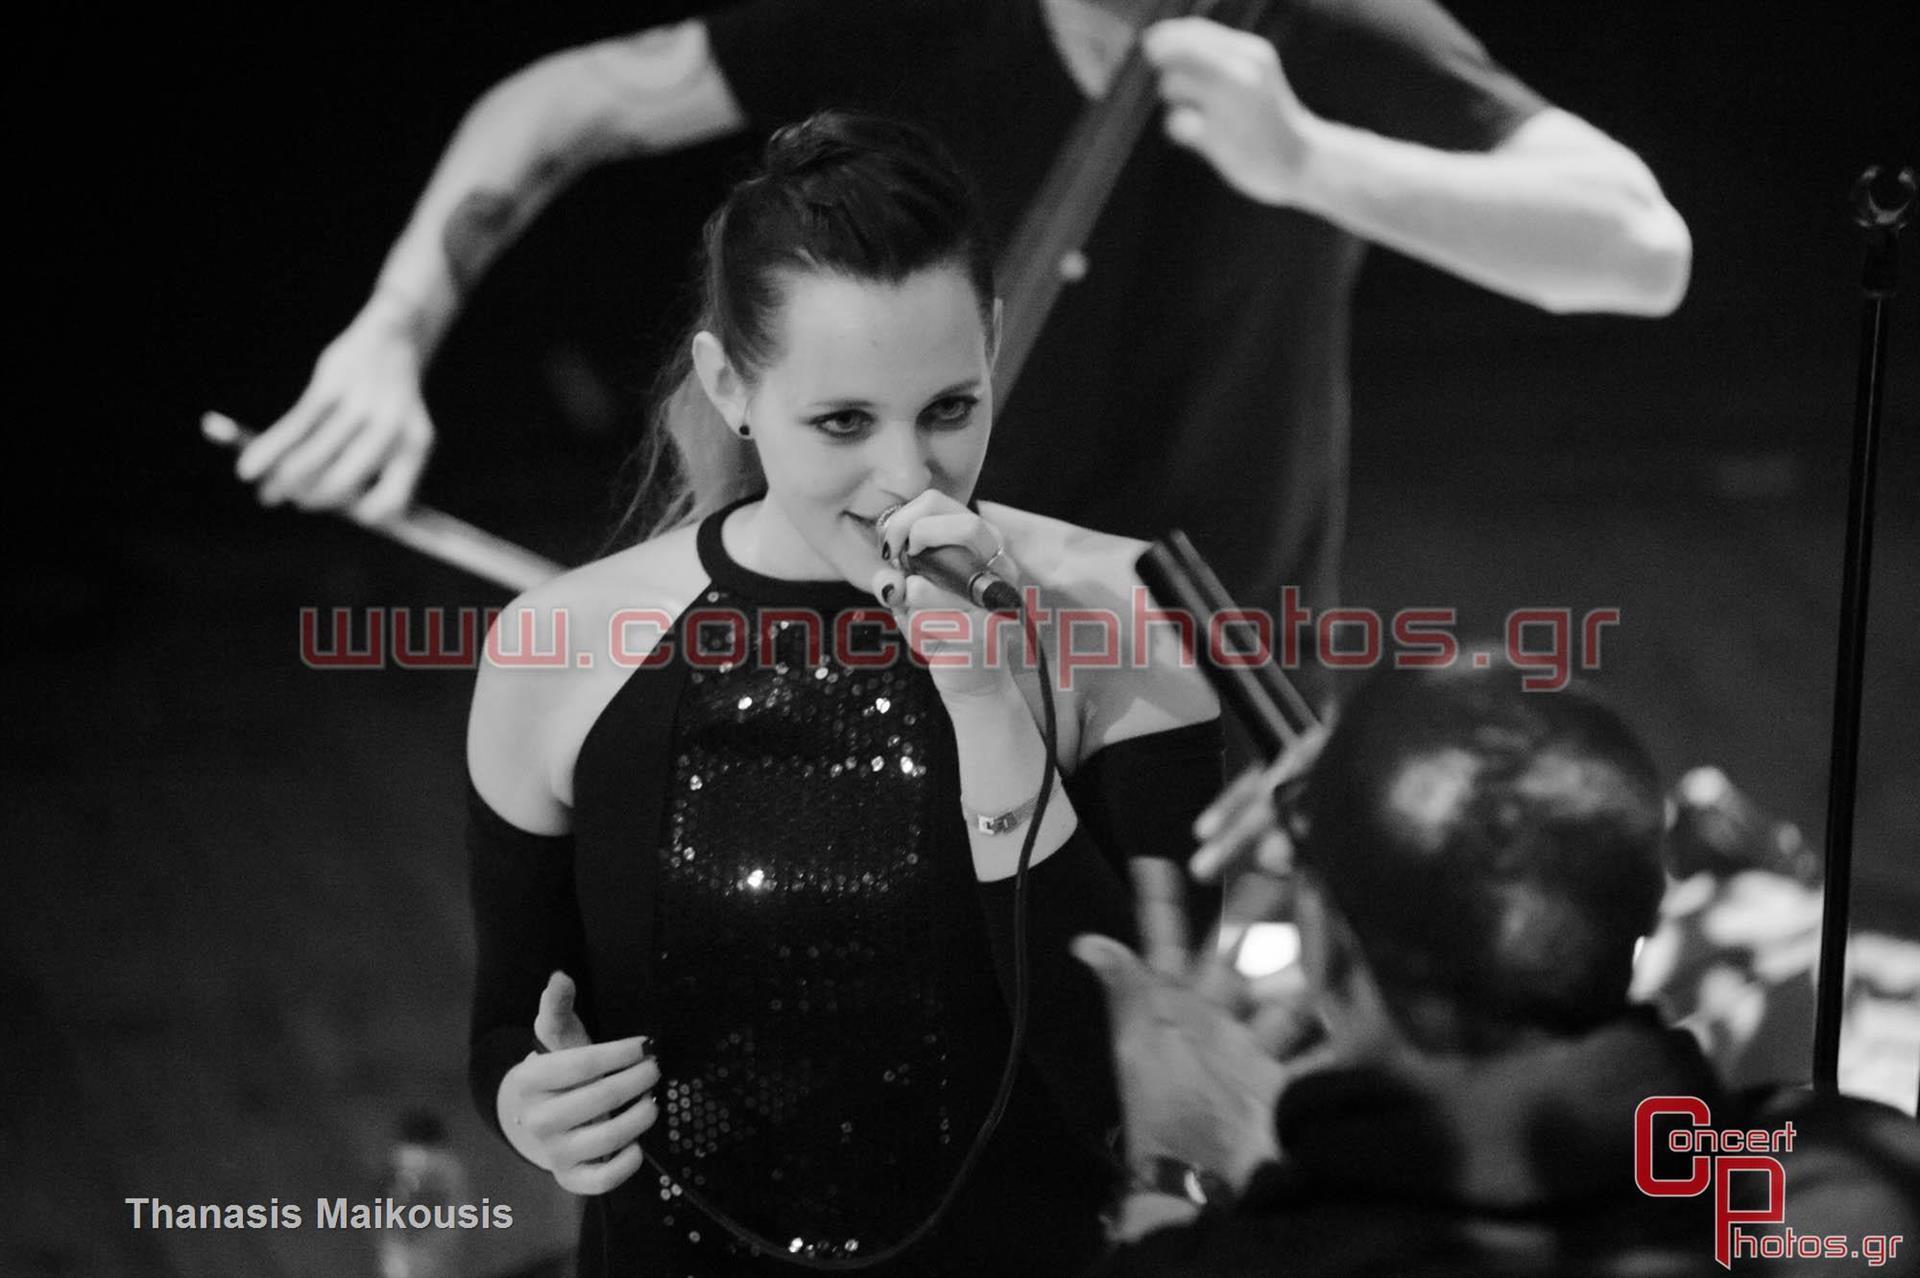 Wax Tailor - photographer: Thanasis Maikousis - ConcertPhotos-8082